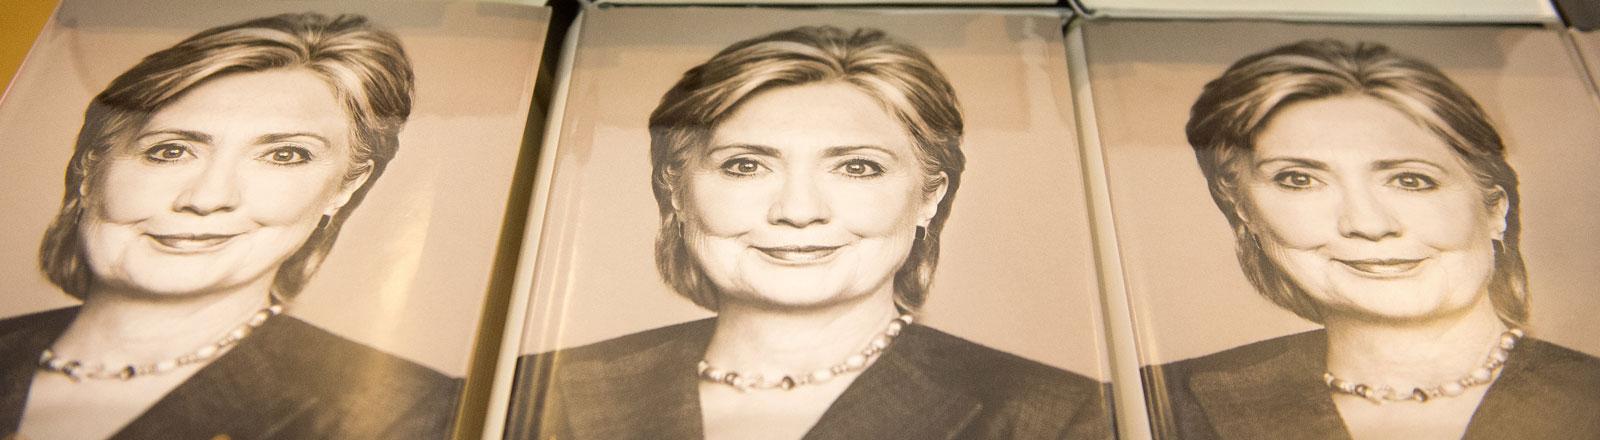 Hillary Clinton auf ihrem Buchcover.